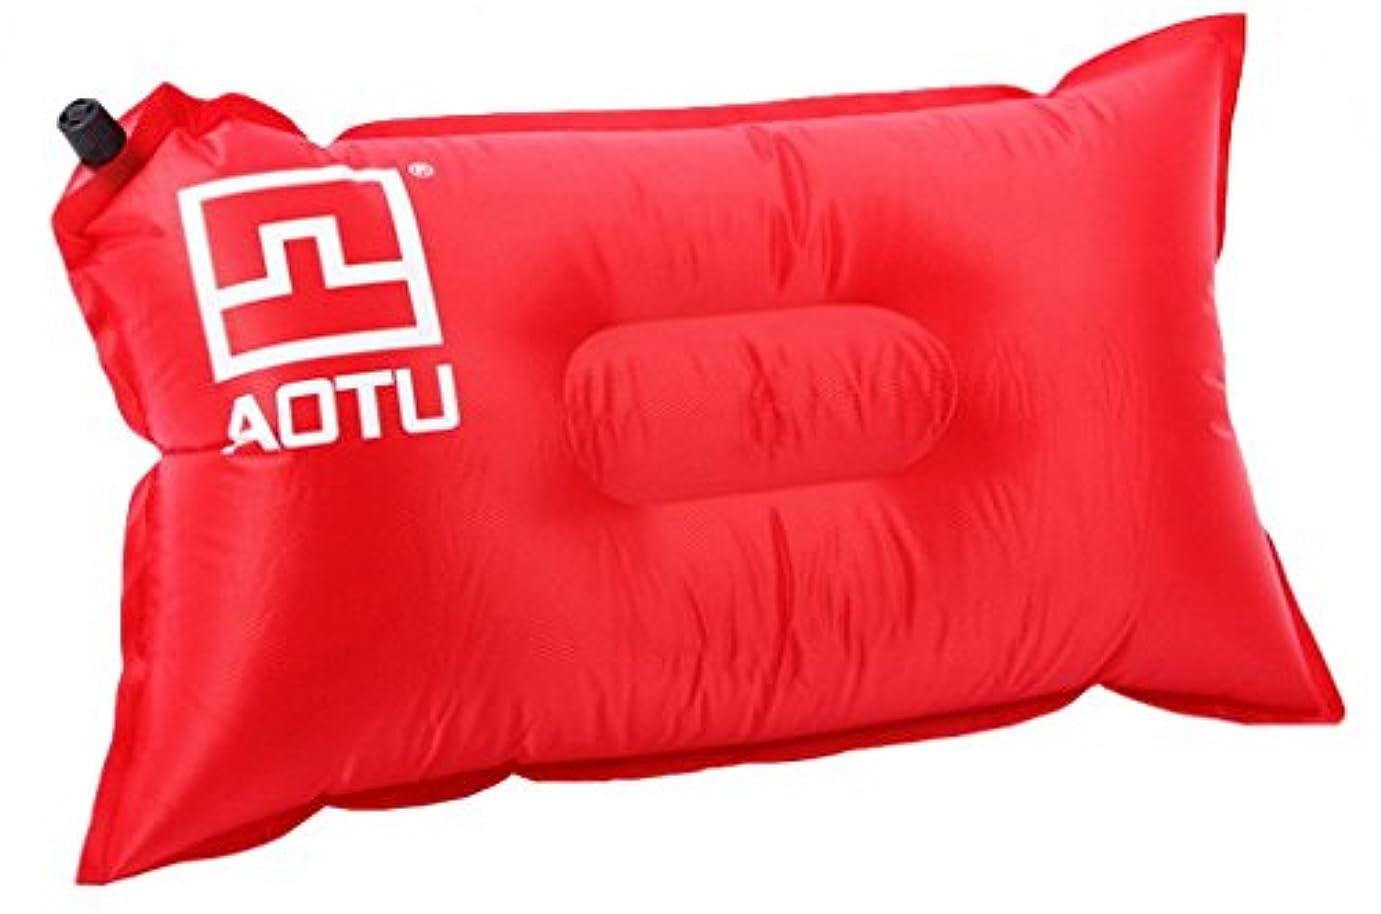 禁止加害者期待acmede Self Inflatingキャンプ枕インフレータブル枕キャンプ旅行ソフトblow-up